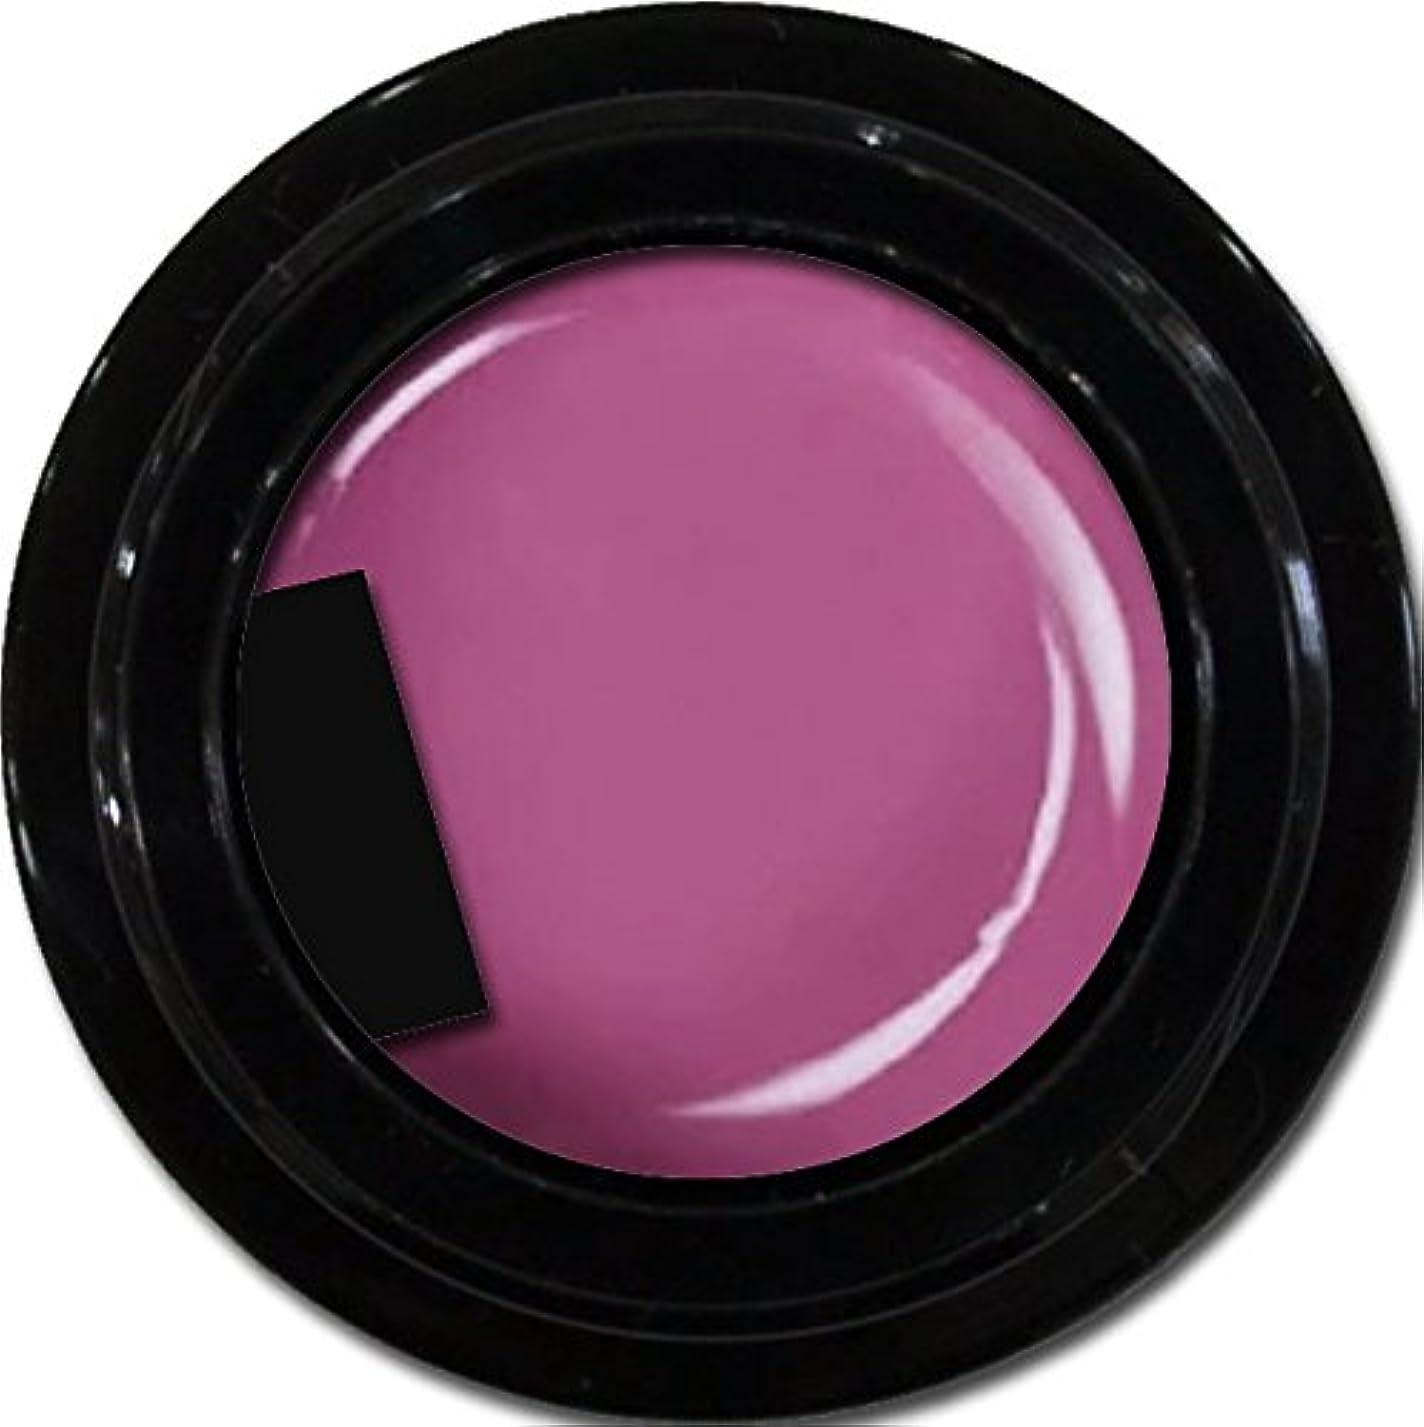 囚人バスト悪用カラージェル enchant color gel M513 RubyViolet3g/ マットカラージェル M513ルビーヴァイオレット 3グラム